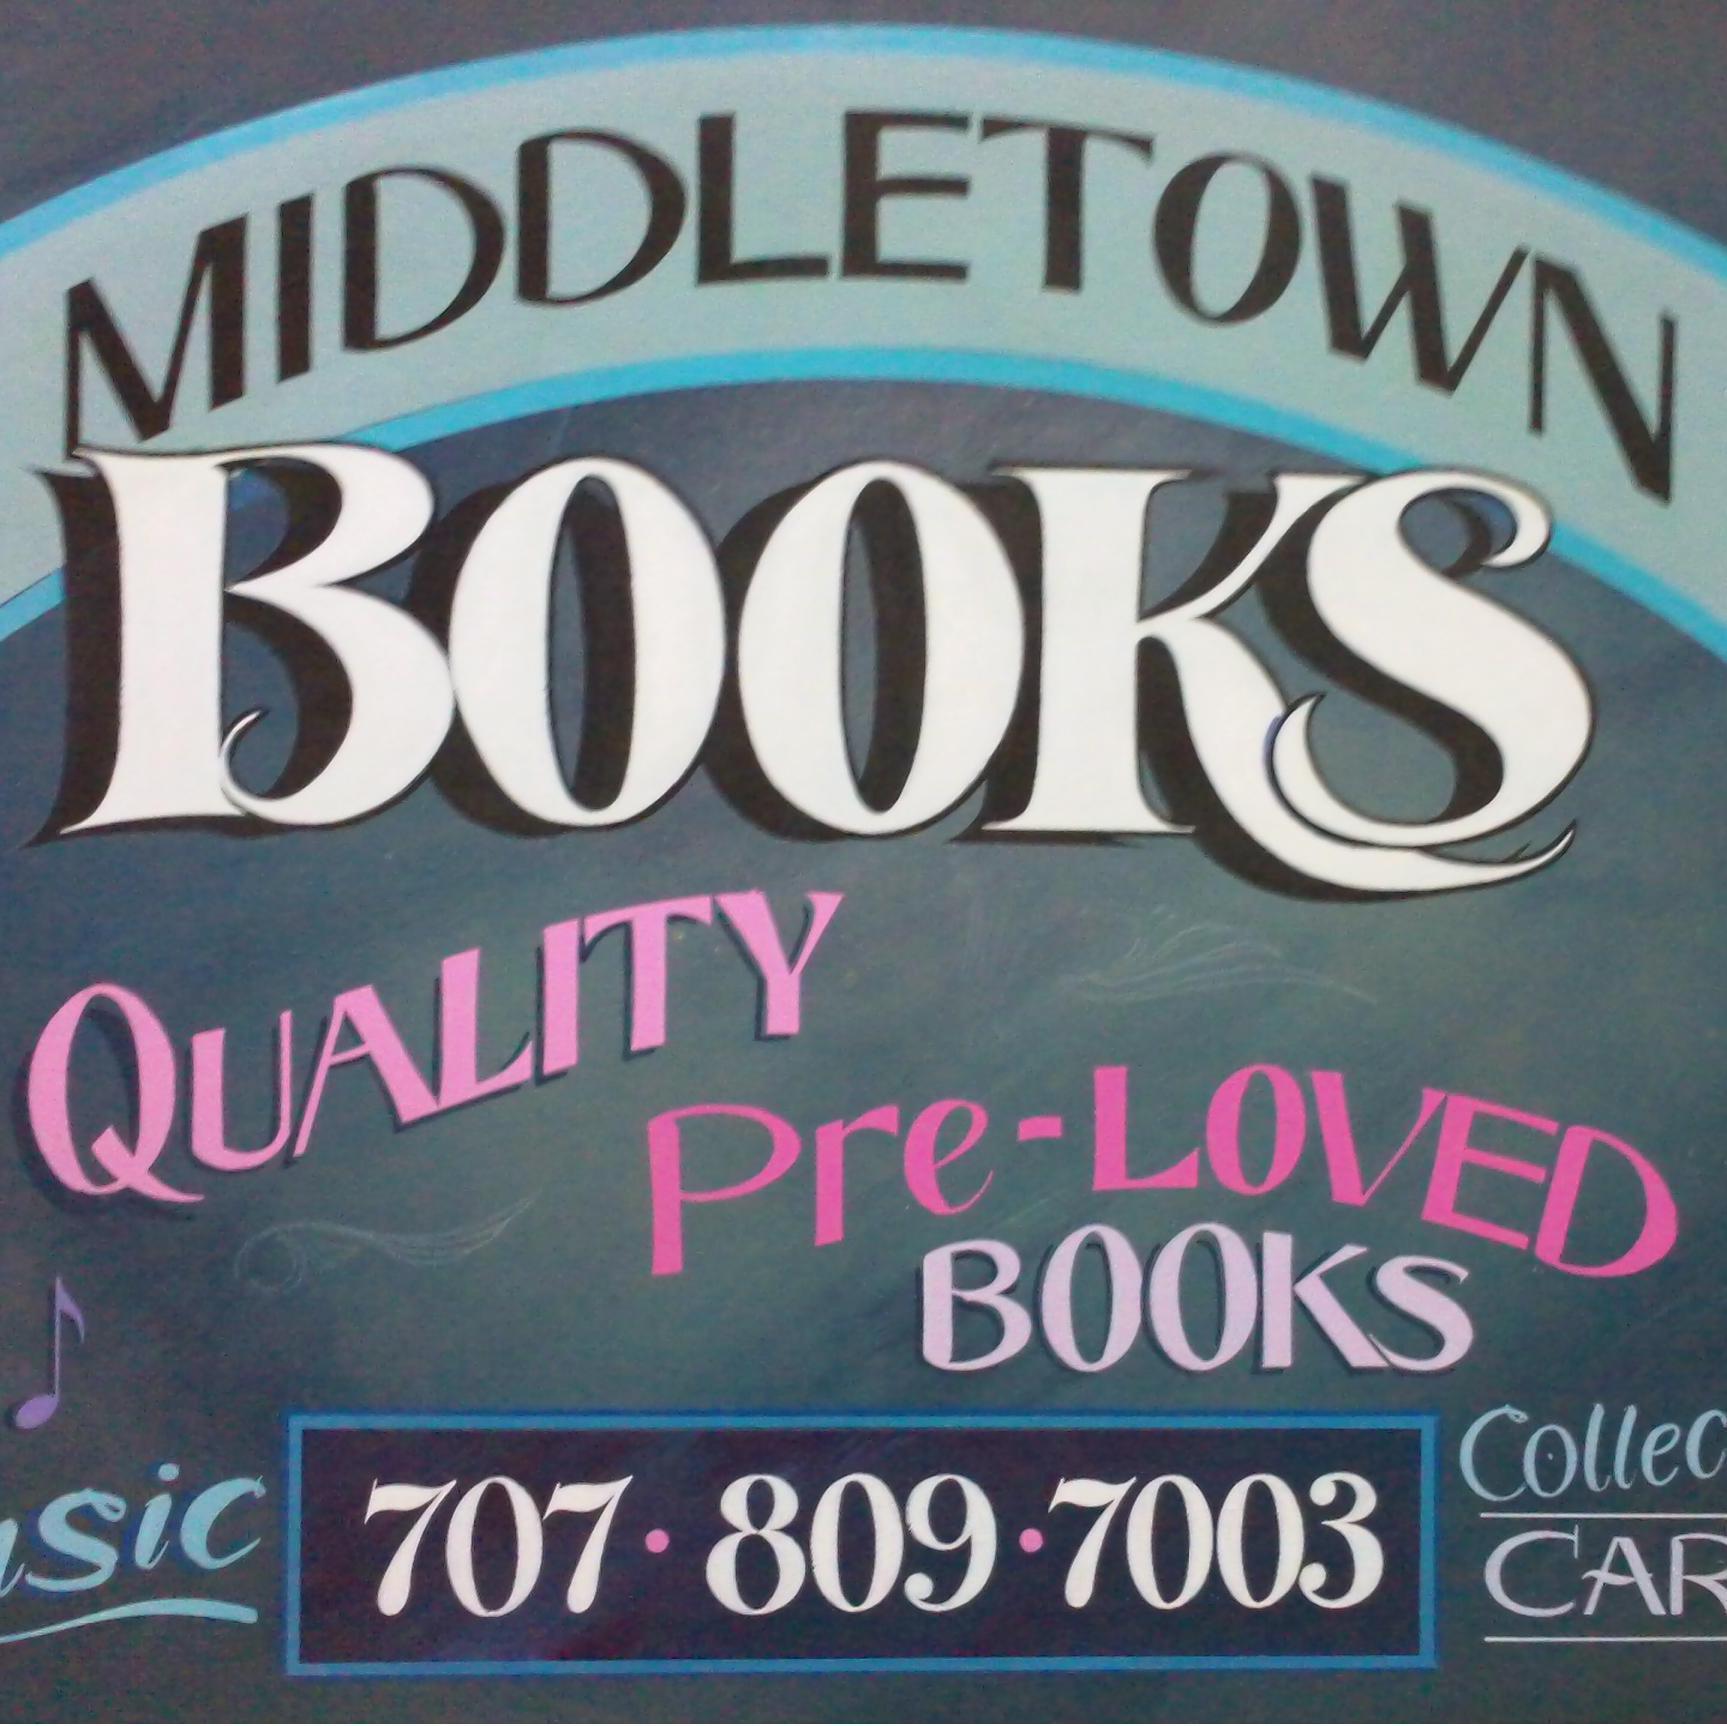 @MiddletownBooks